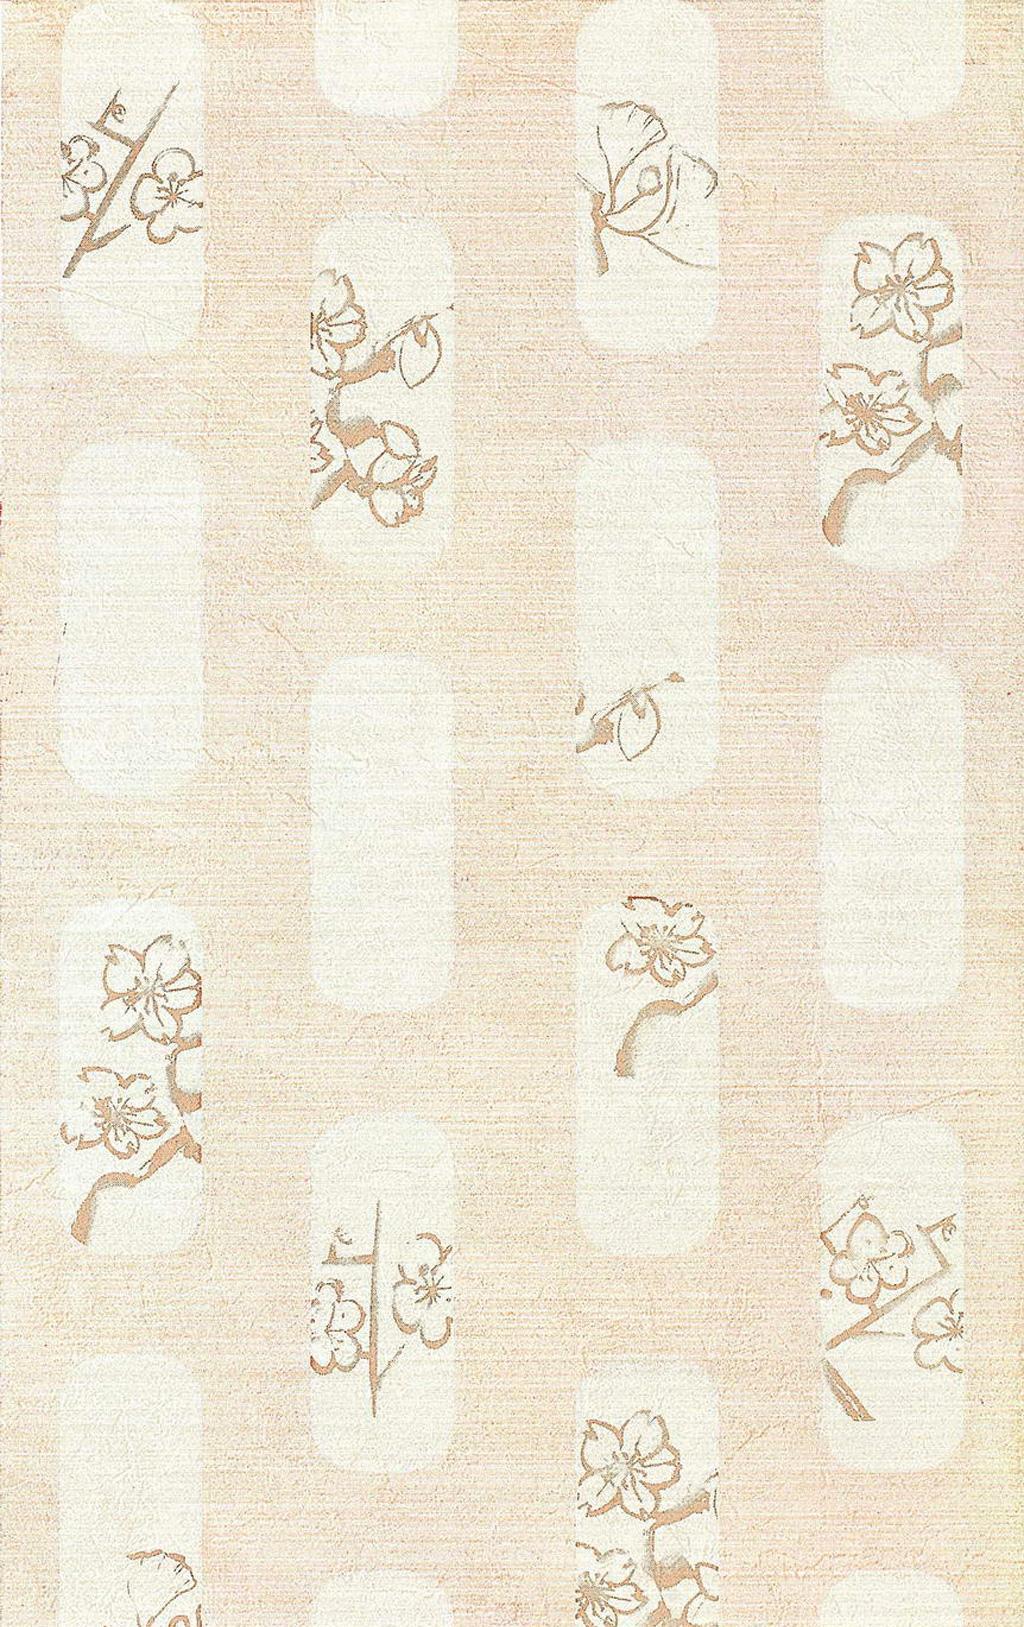 鹰牌瓷砖内墙釉面砖08风尚系列A0431-M2FA0431-M2F